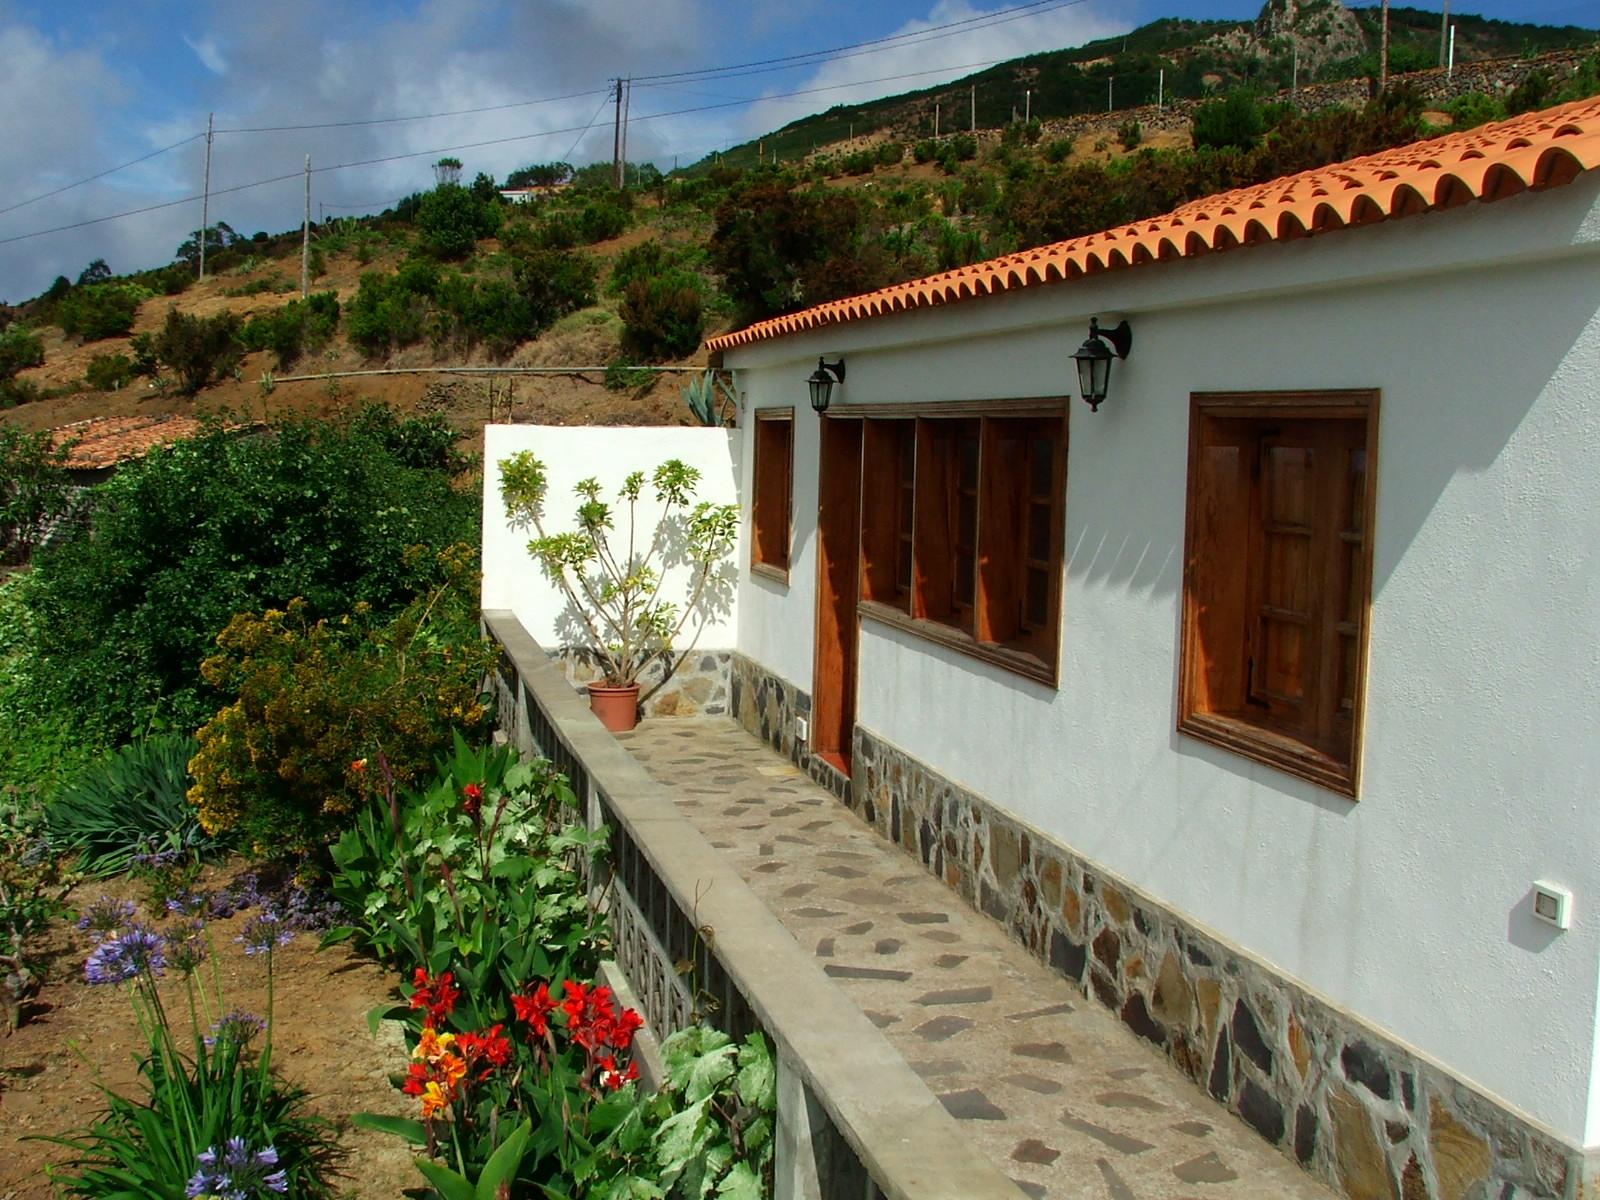 Optimizar el dise o para proteger la casa de humedades - Zocalos de piedra ...